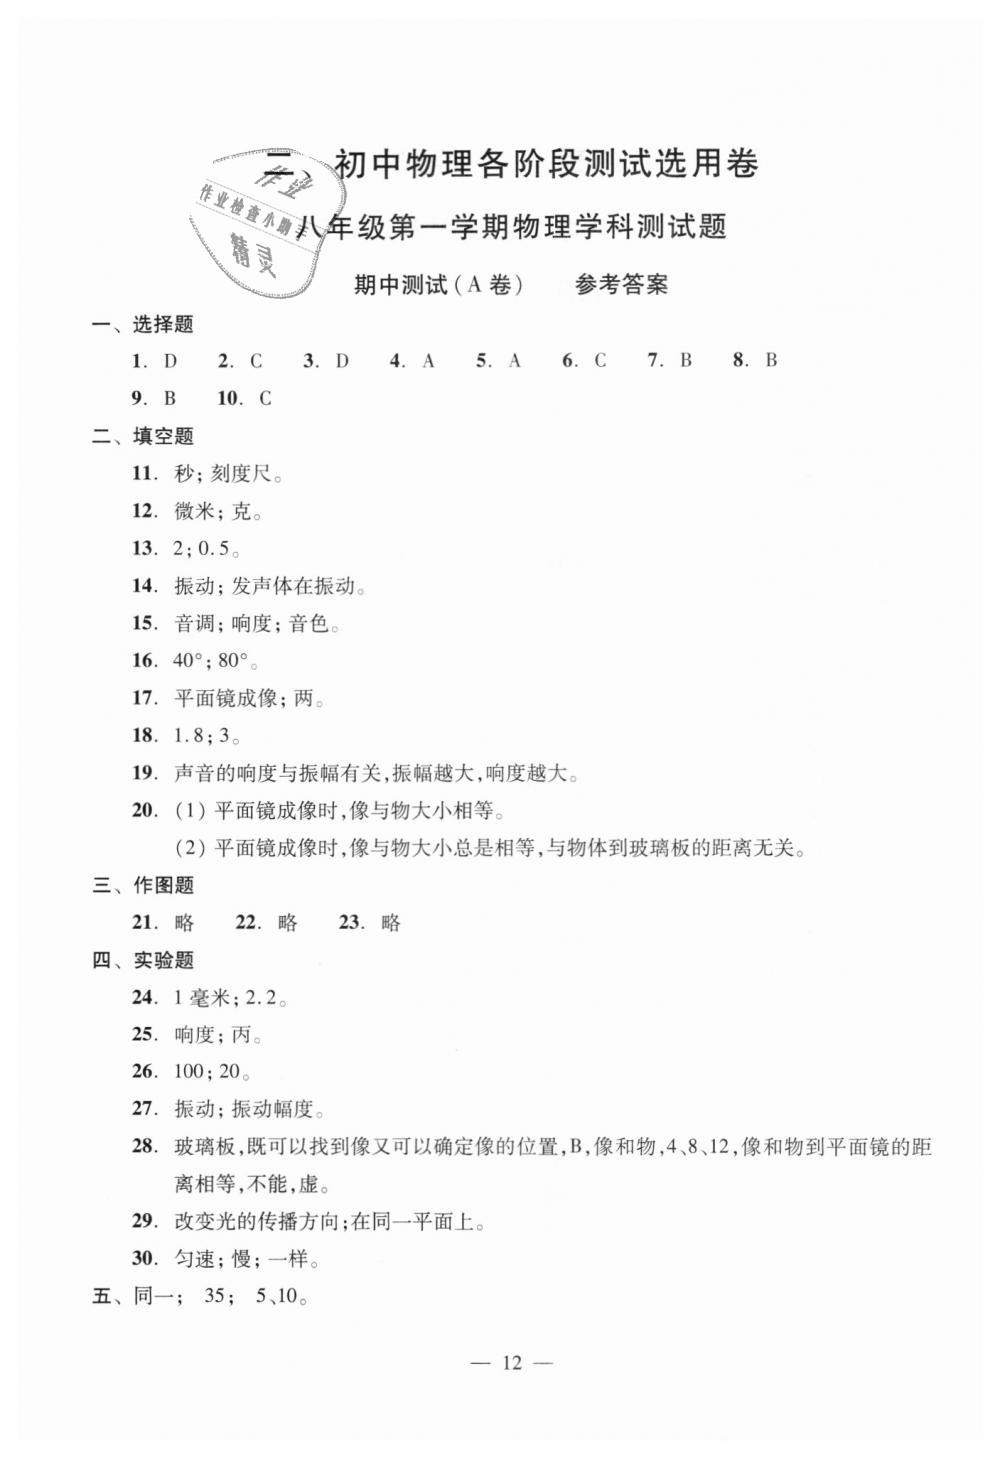 2018年初中物理双基过关堂堂练八年级全一册沪教版第56页